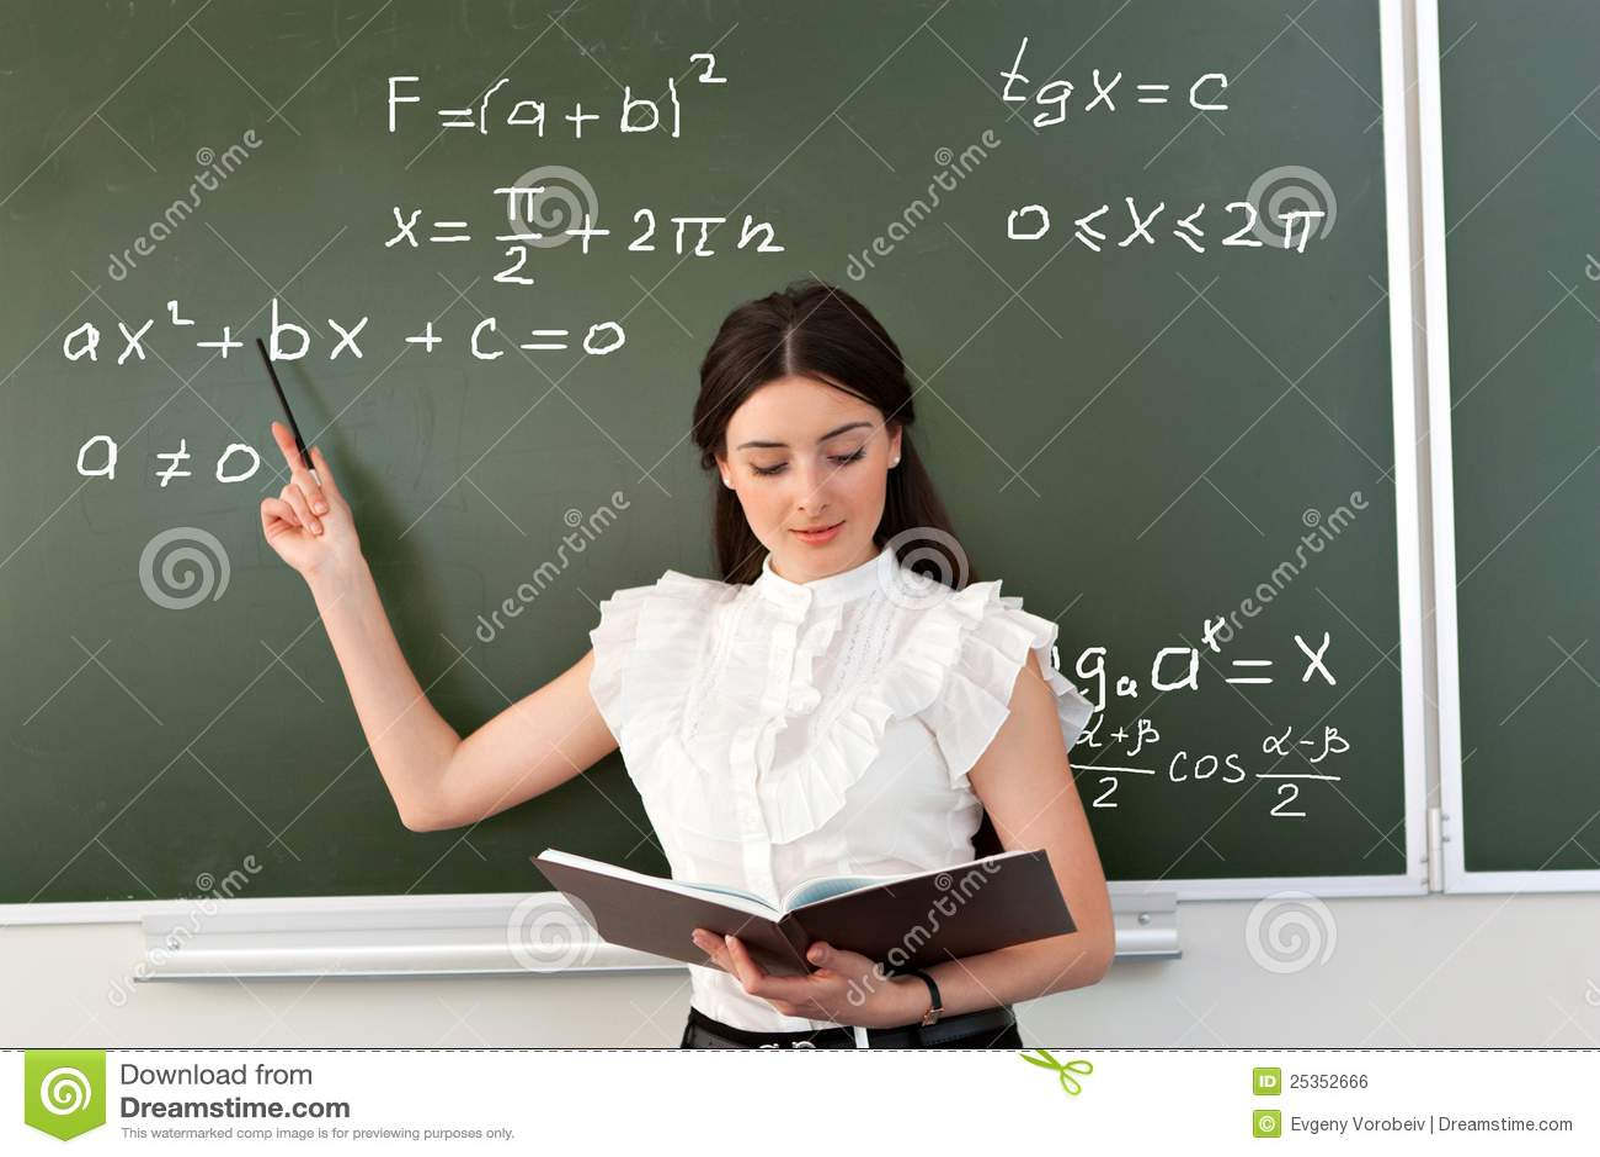 Училка по математике фото 23 фотография